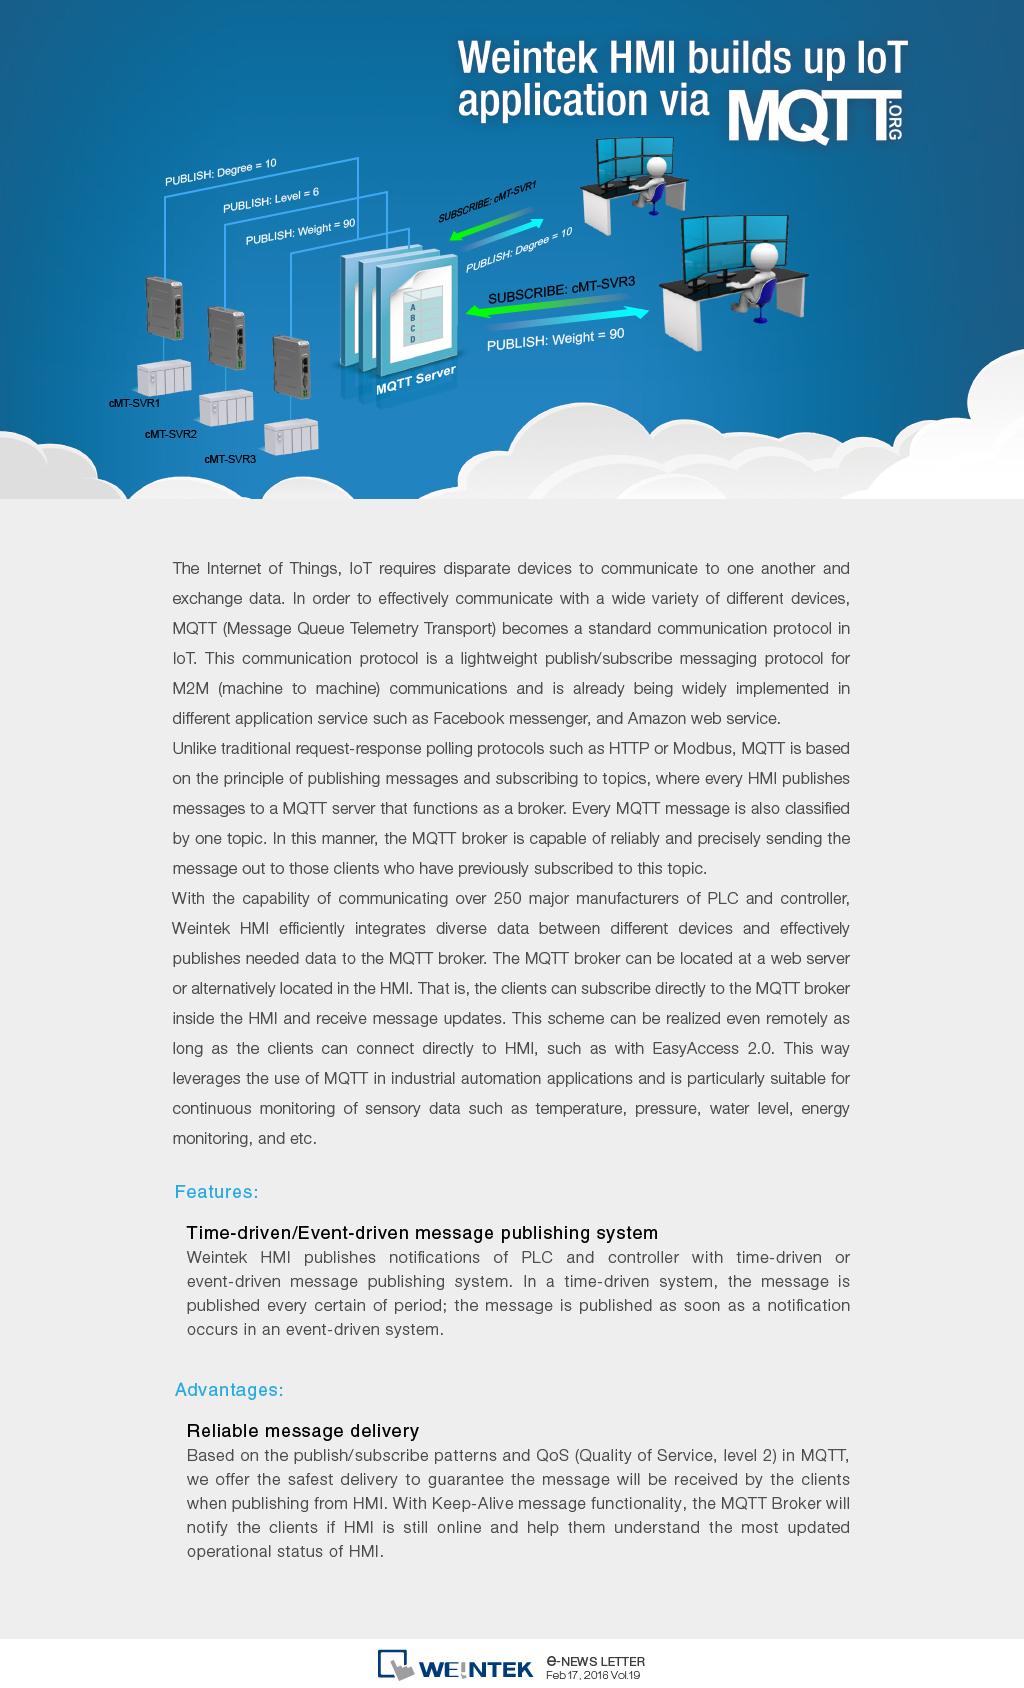 controlxnet hmi application c language